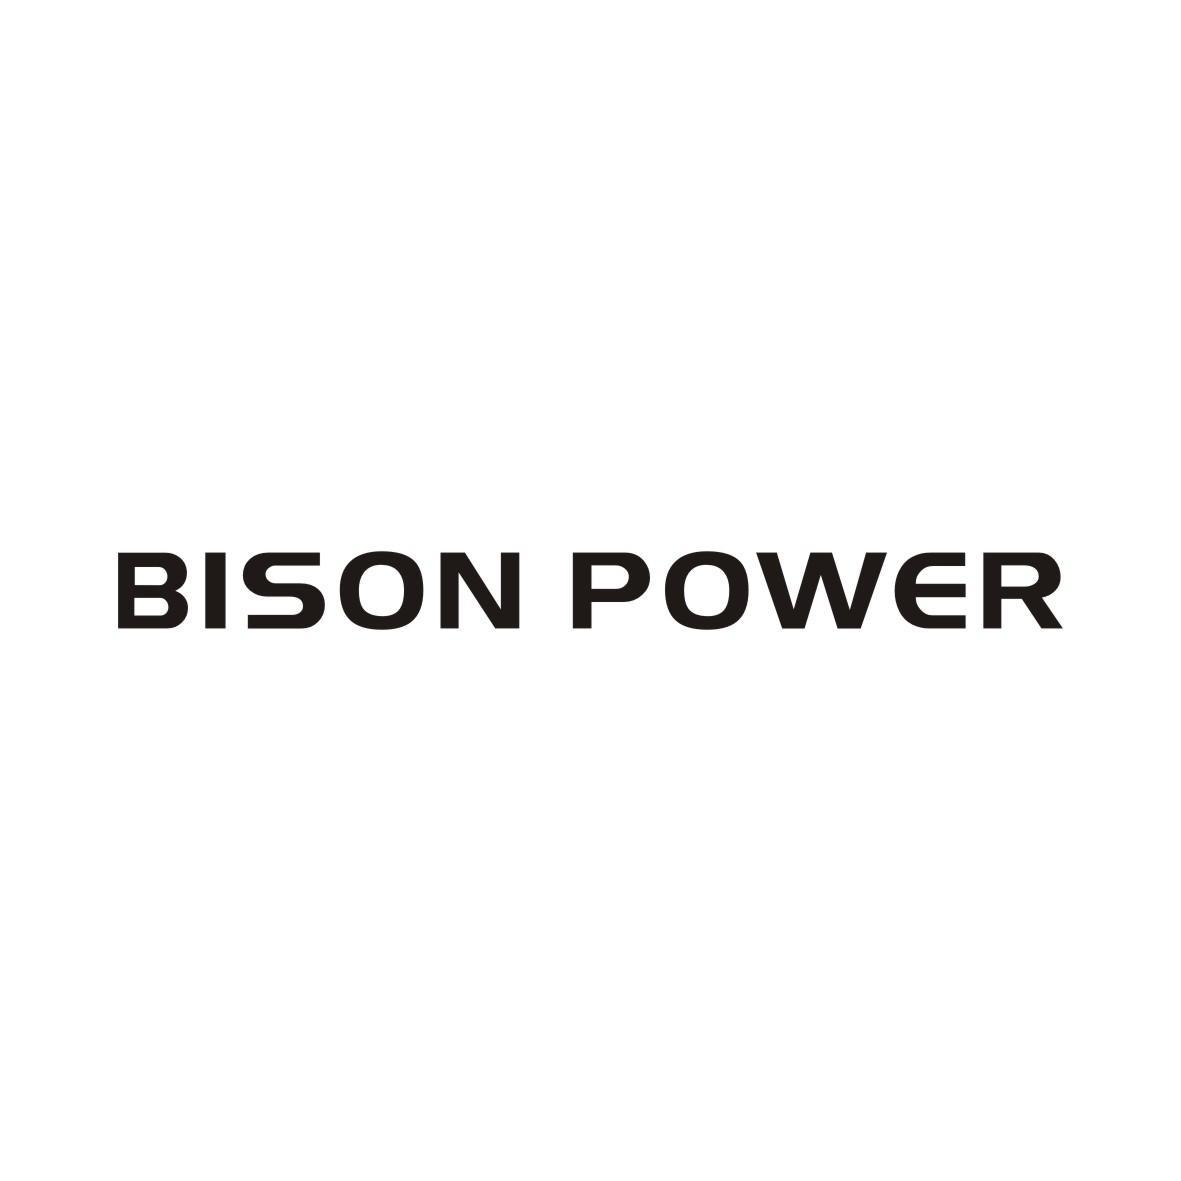 转让商标-BISON POWER